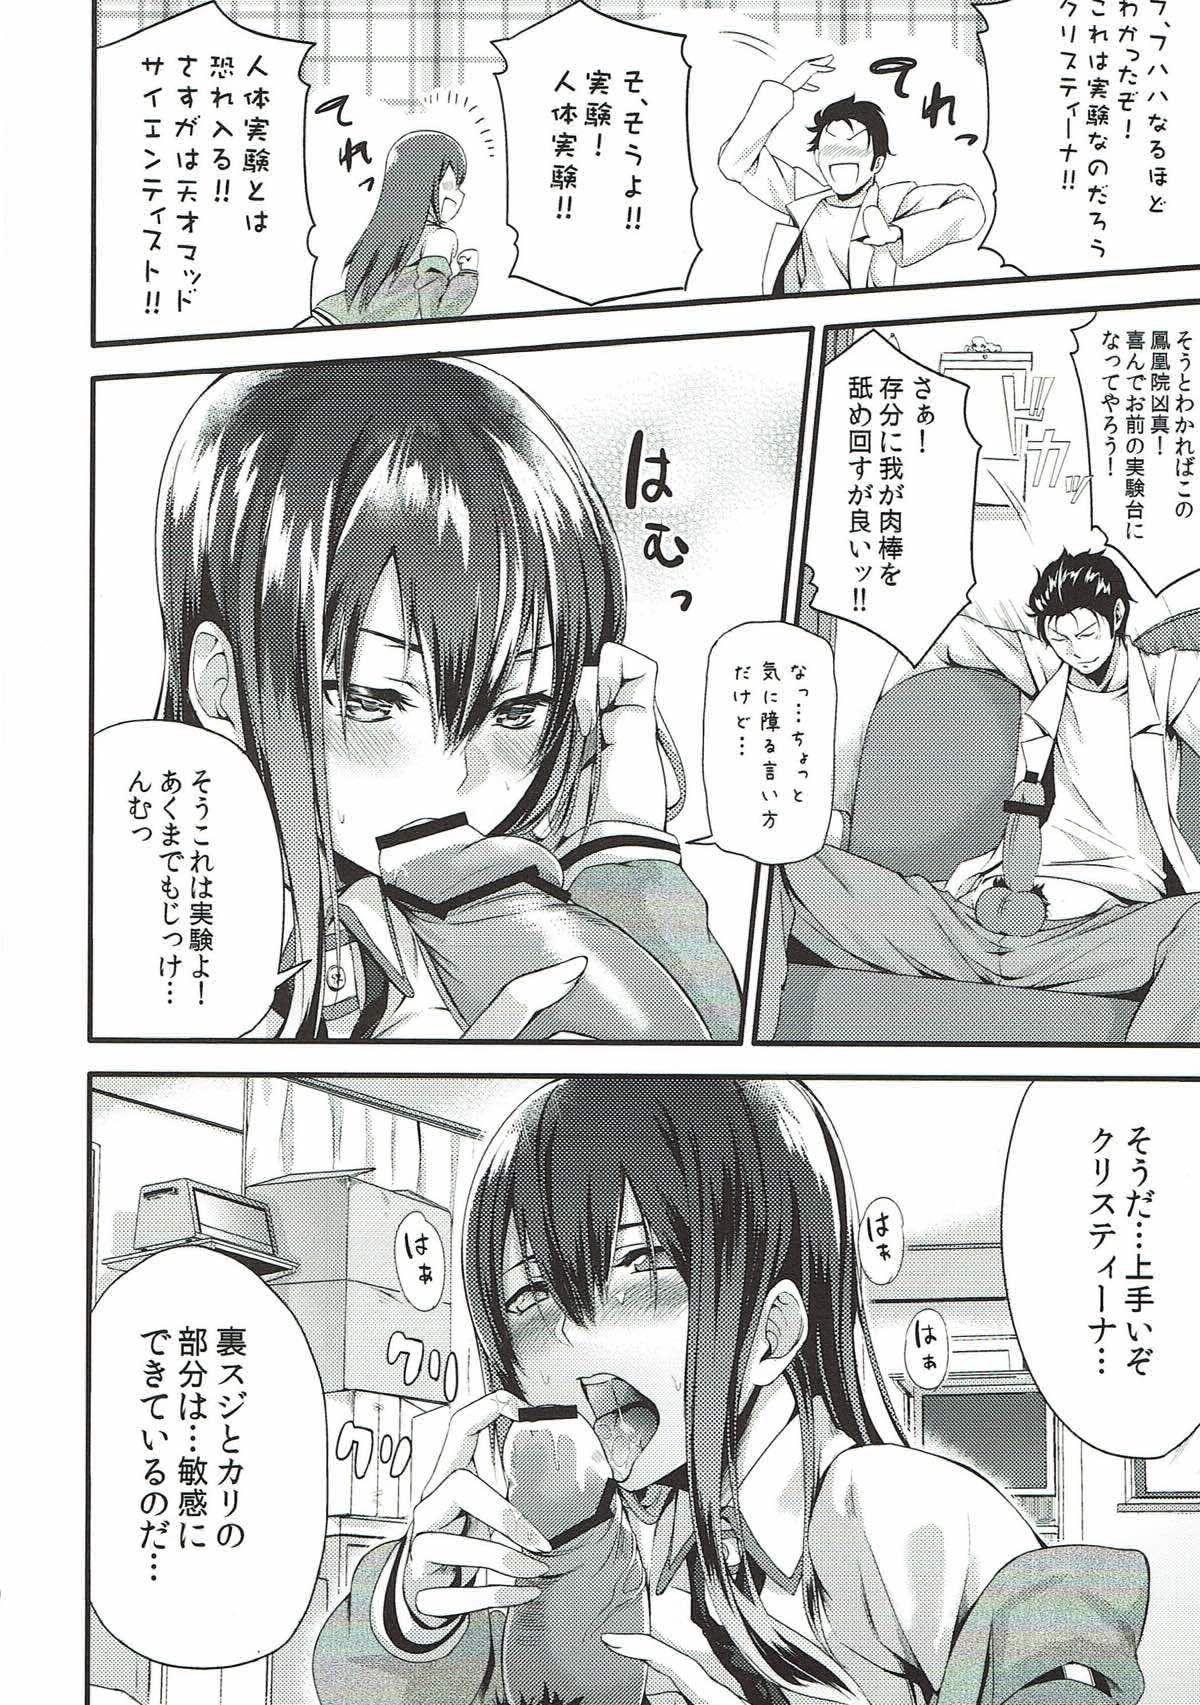 A, Anta no Gelbana ga Hoshii tte Itten no! 6